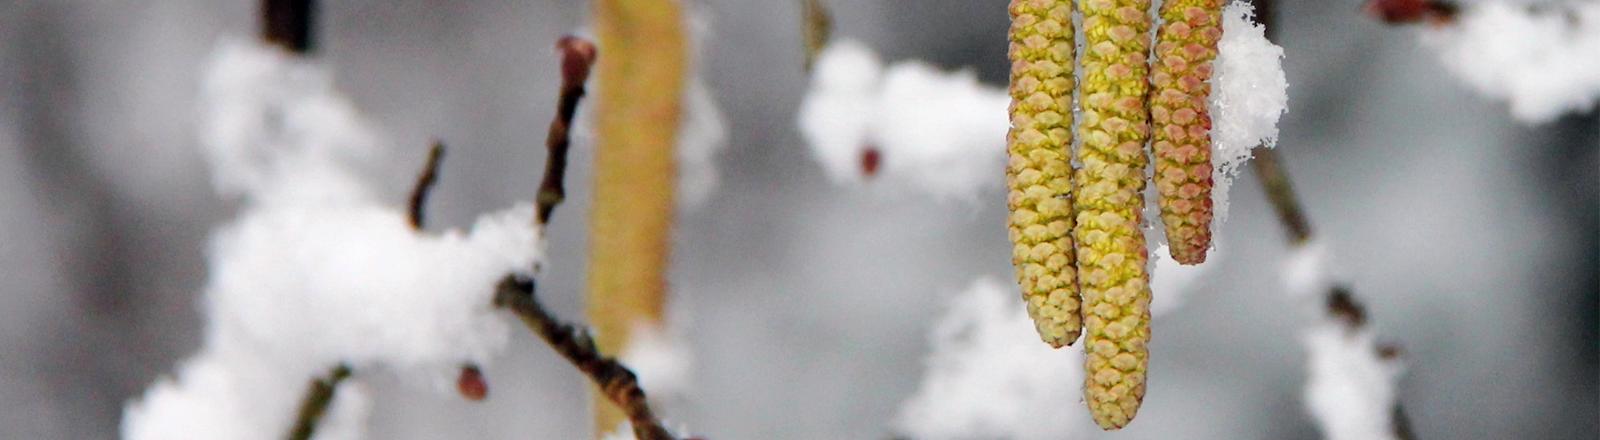 Ein blühender Baum, dessen Blüten mit Schnee bedeckt sind